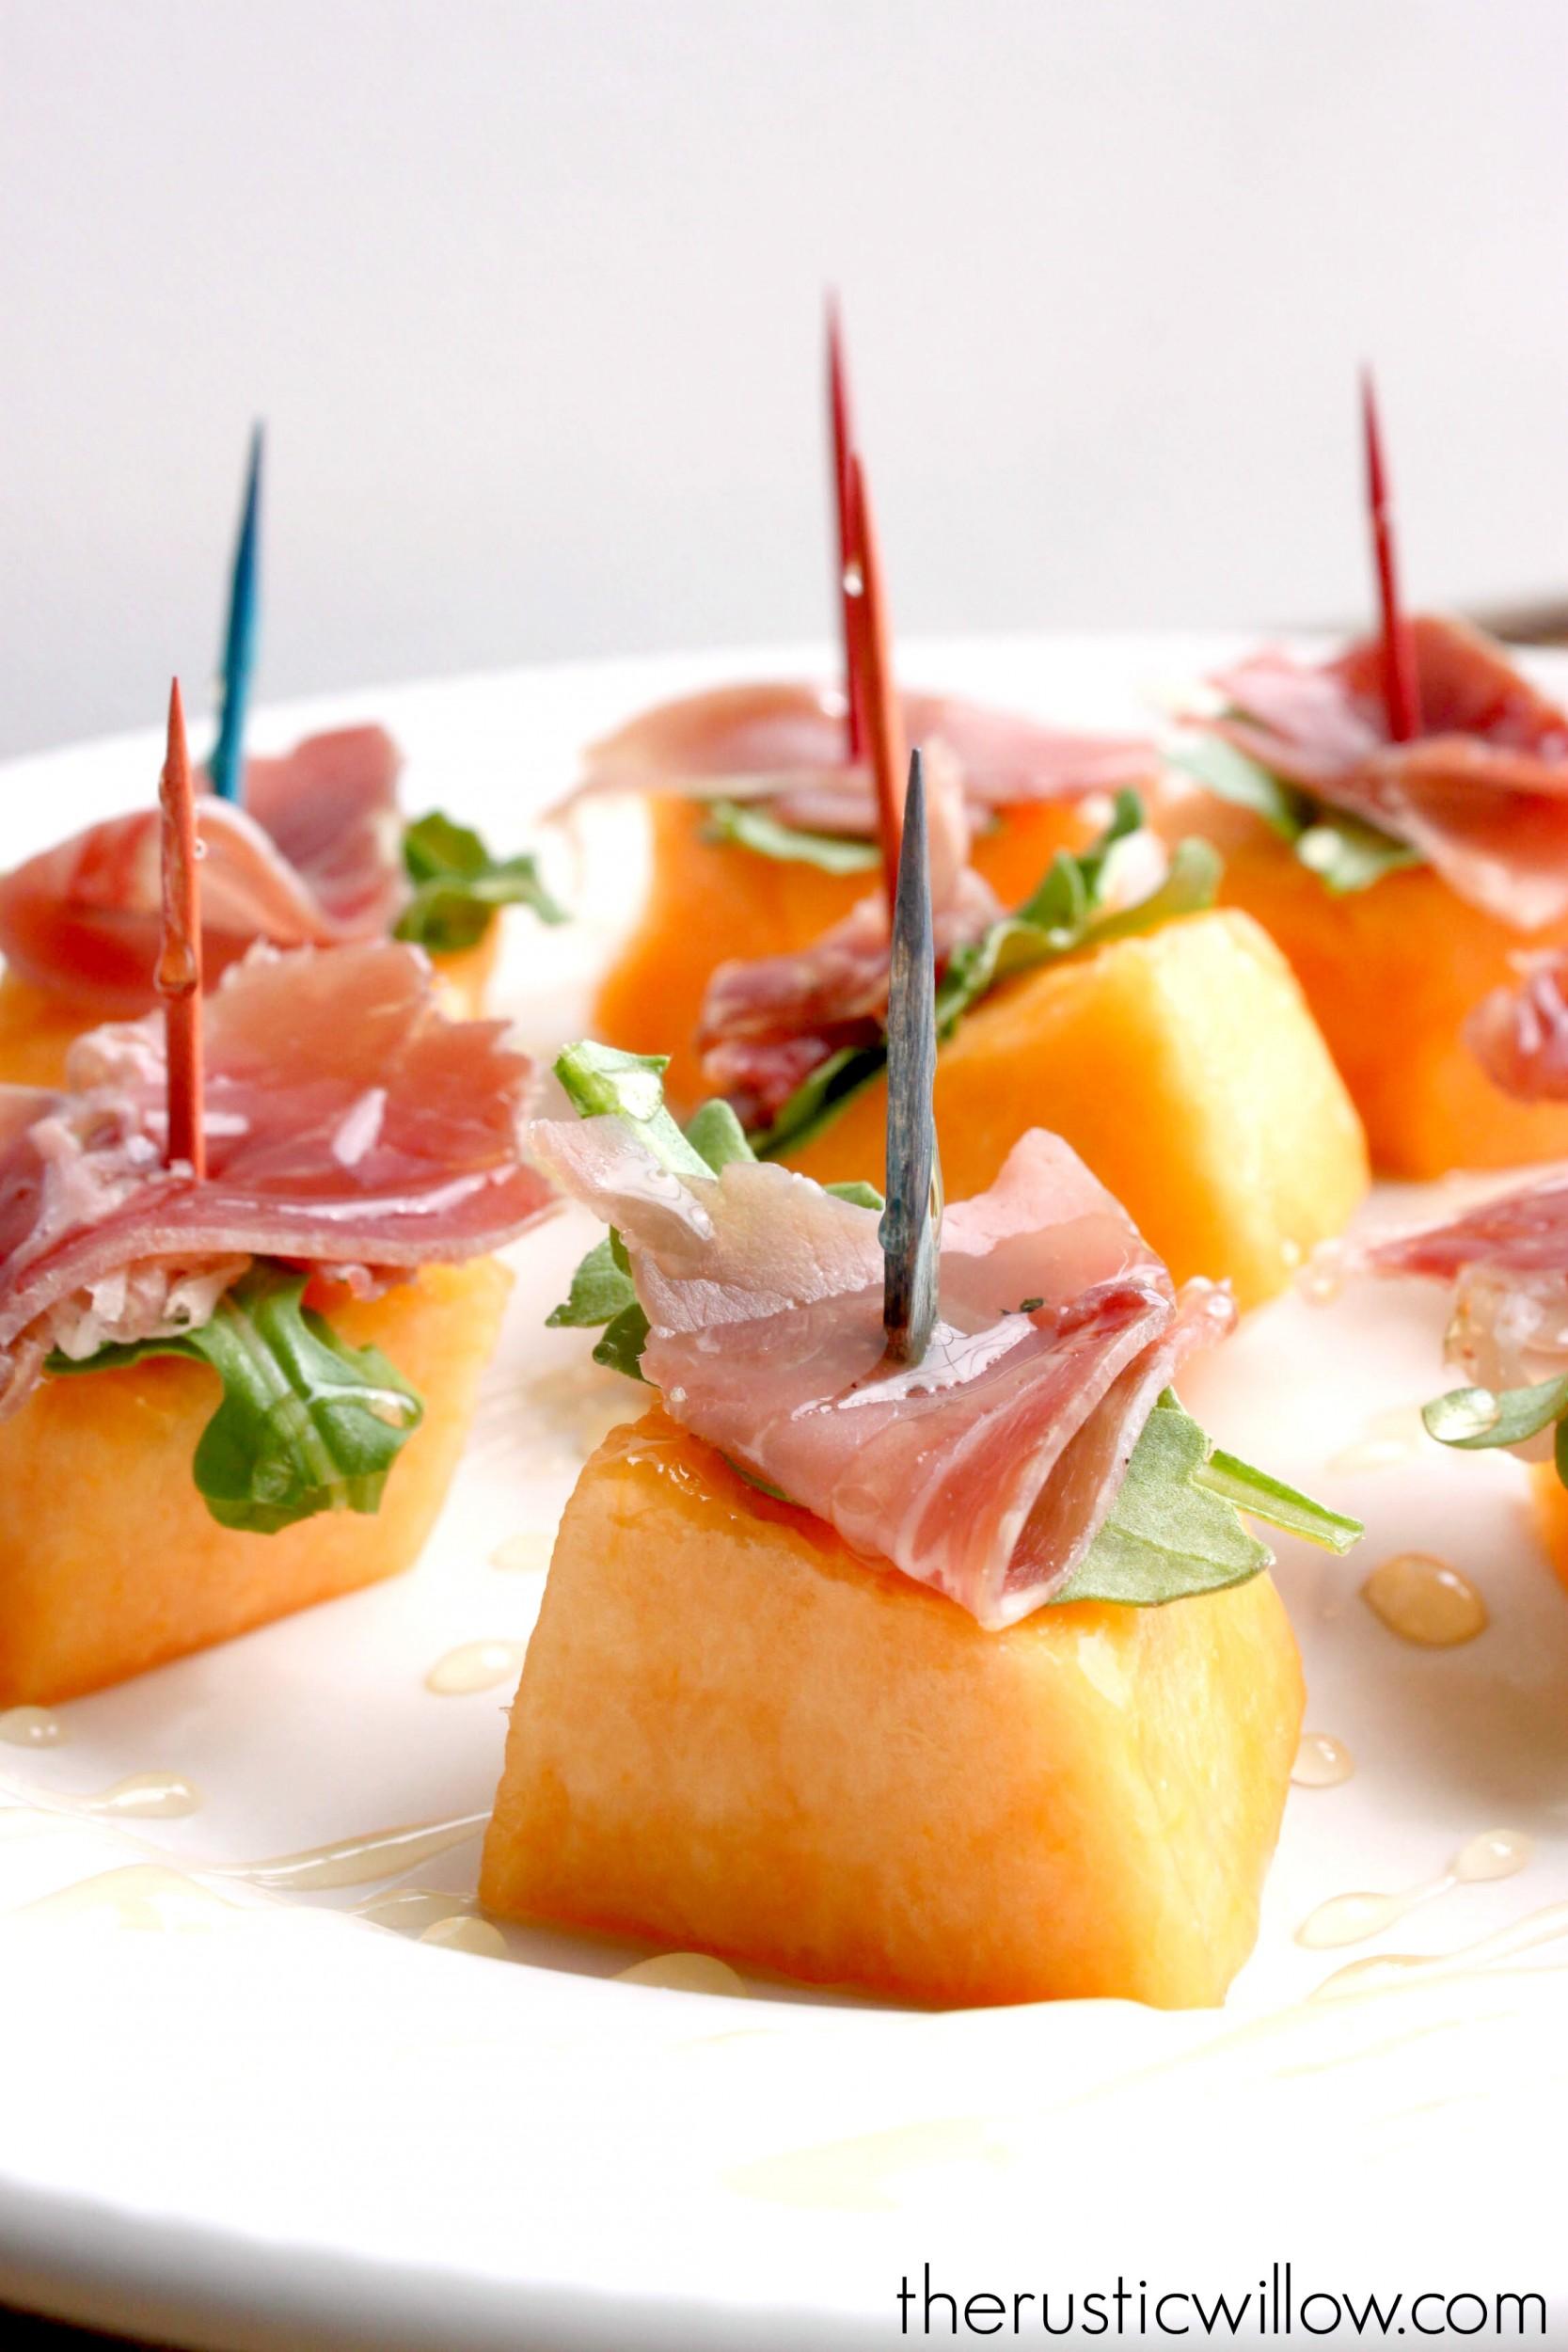 Melon prosciutto bites